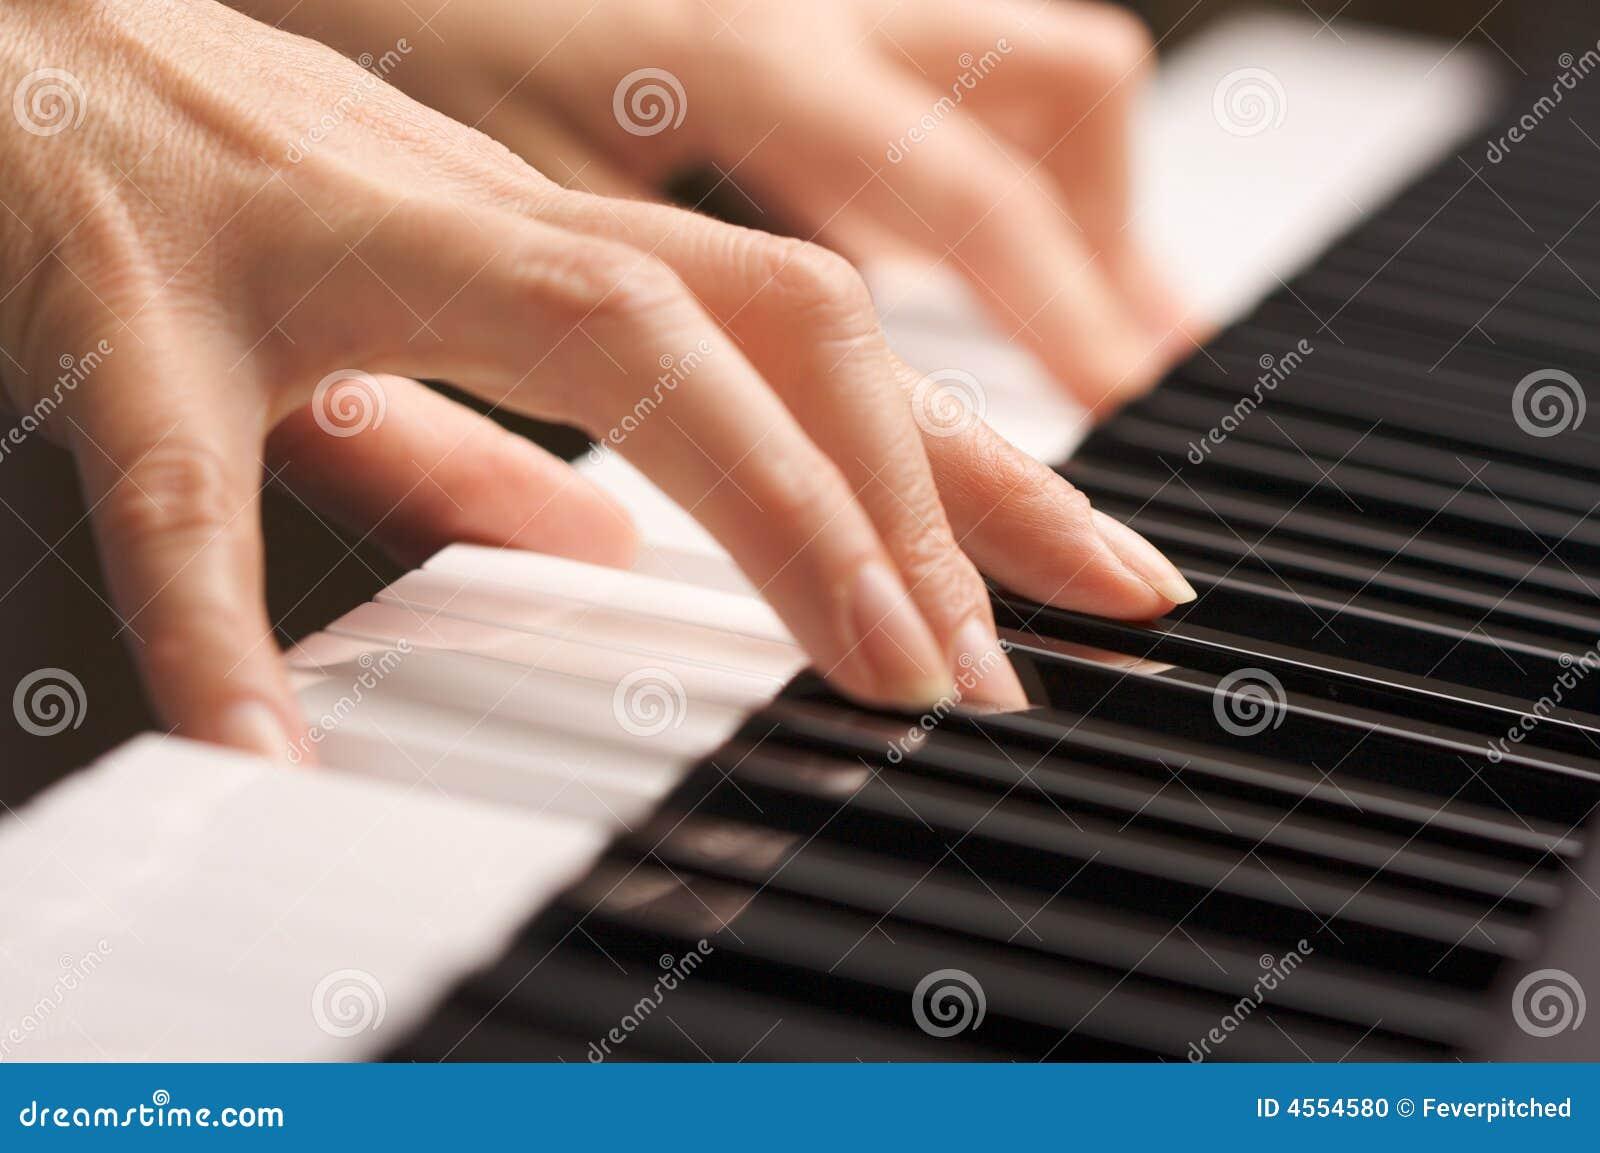 数字式手指关键字钢琴s妇女图片